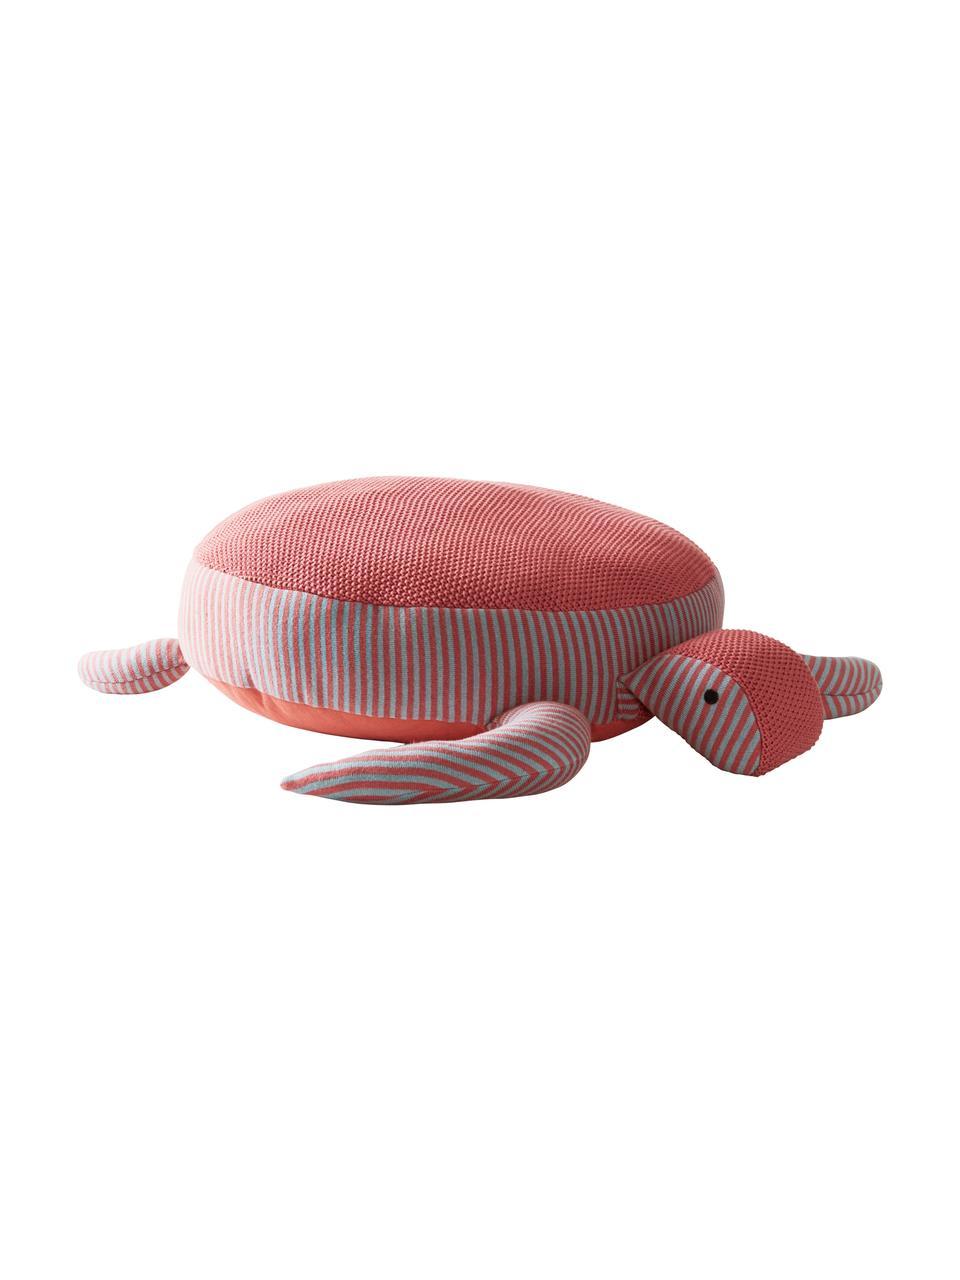 Poduszka podłogowa z bawełny organicznej Zane, Tapicerka: bio-bawełna, Koralowy, szary, S 60 x W 25 cm